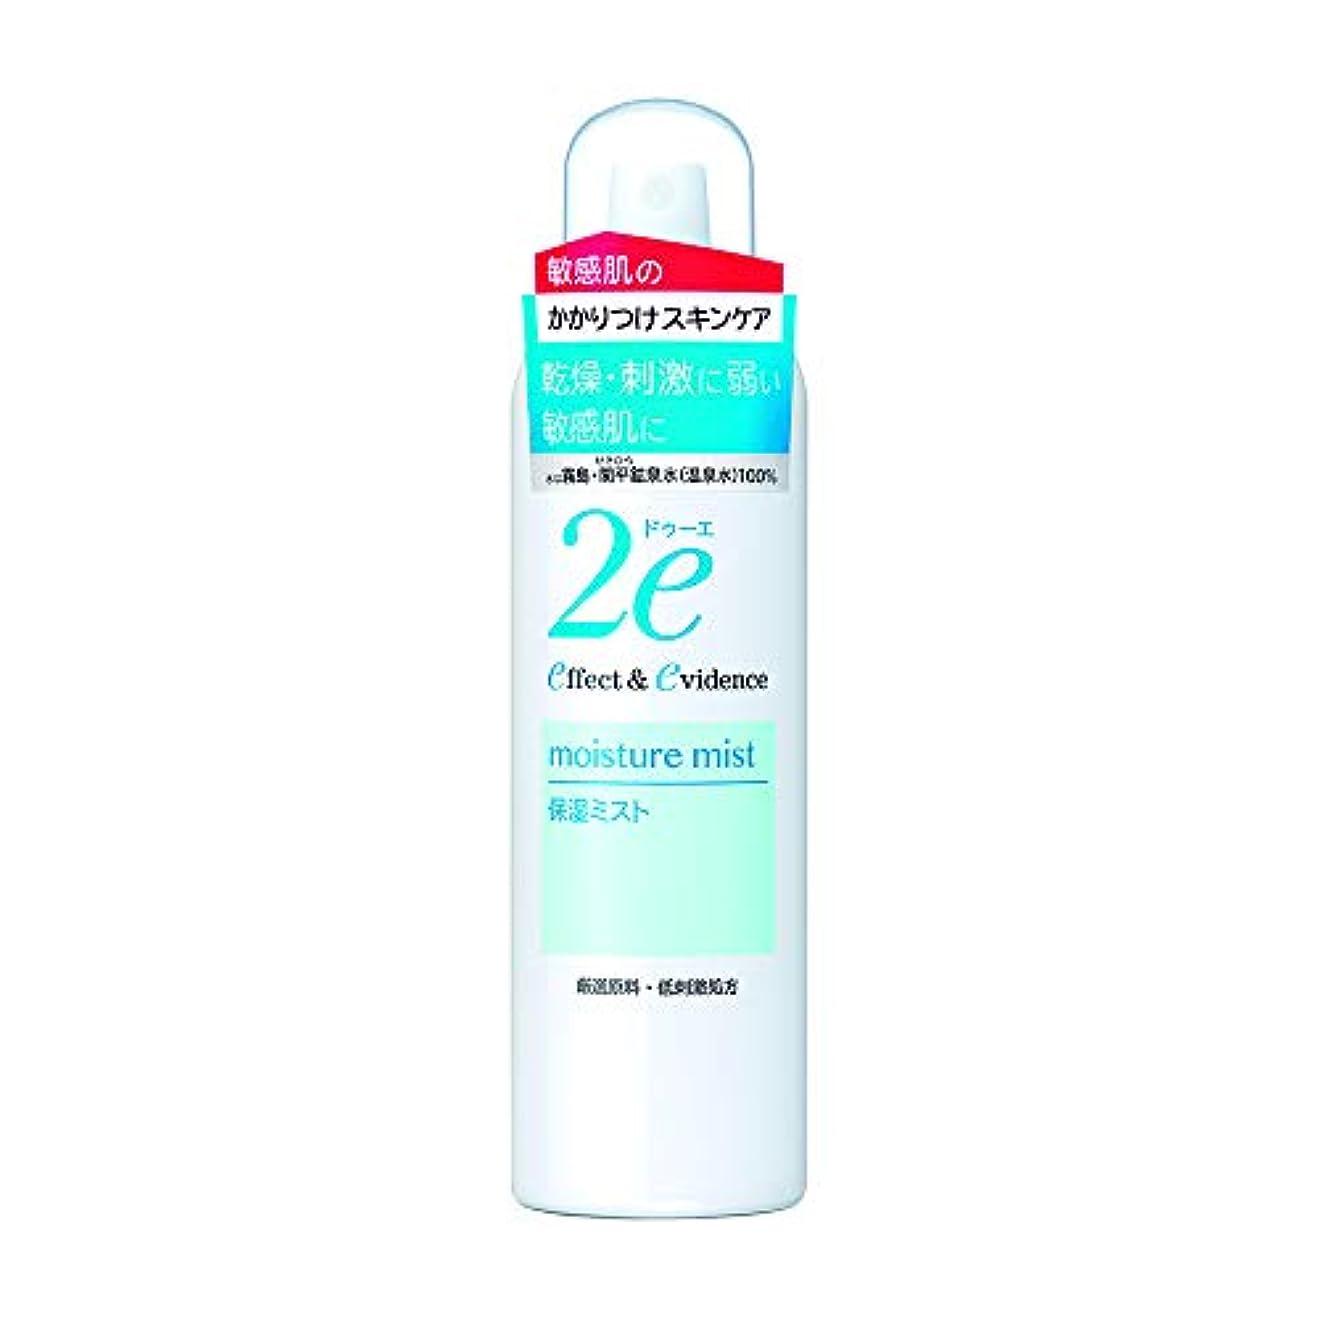 アンソロジー私たちの甘味2e(ドゥーエ) 保湿ミスト 敏感肌用化粧水 スプレータイプ 低刺激処方 180g